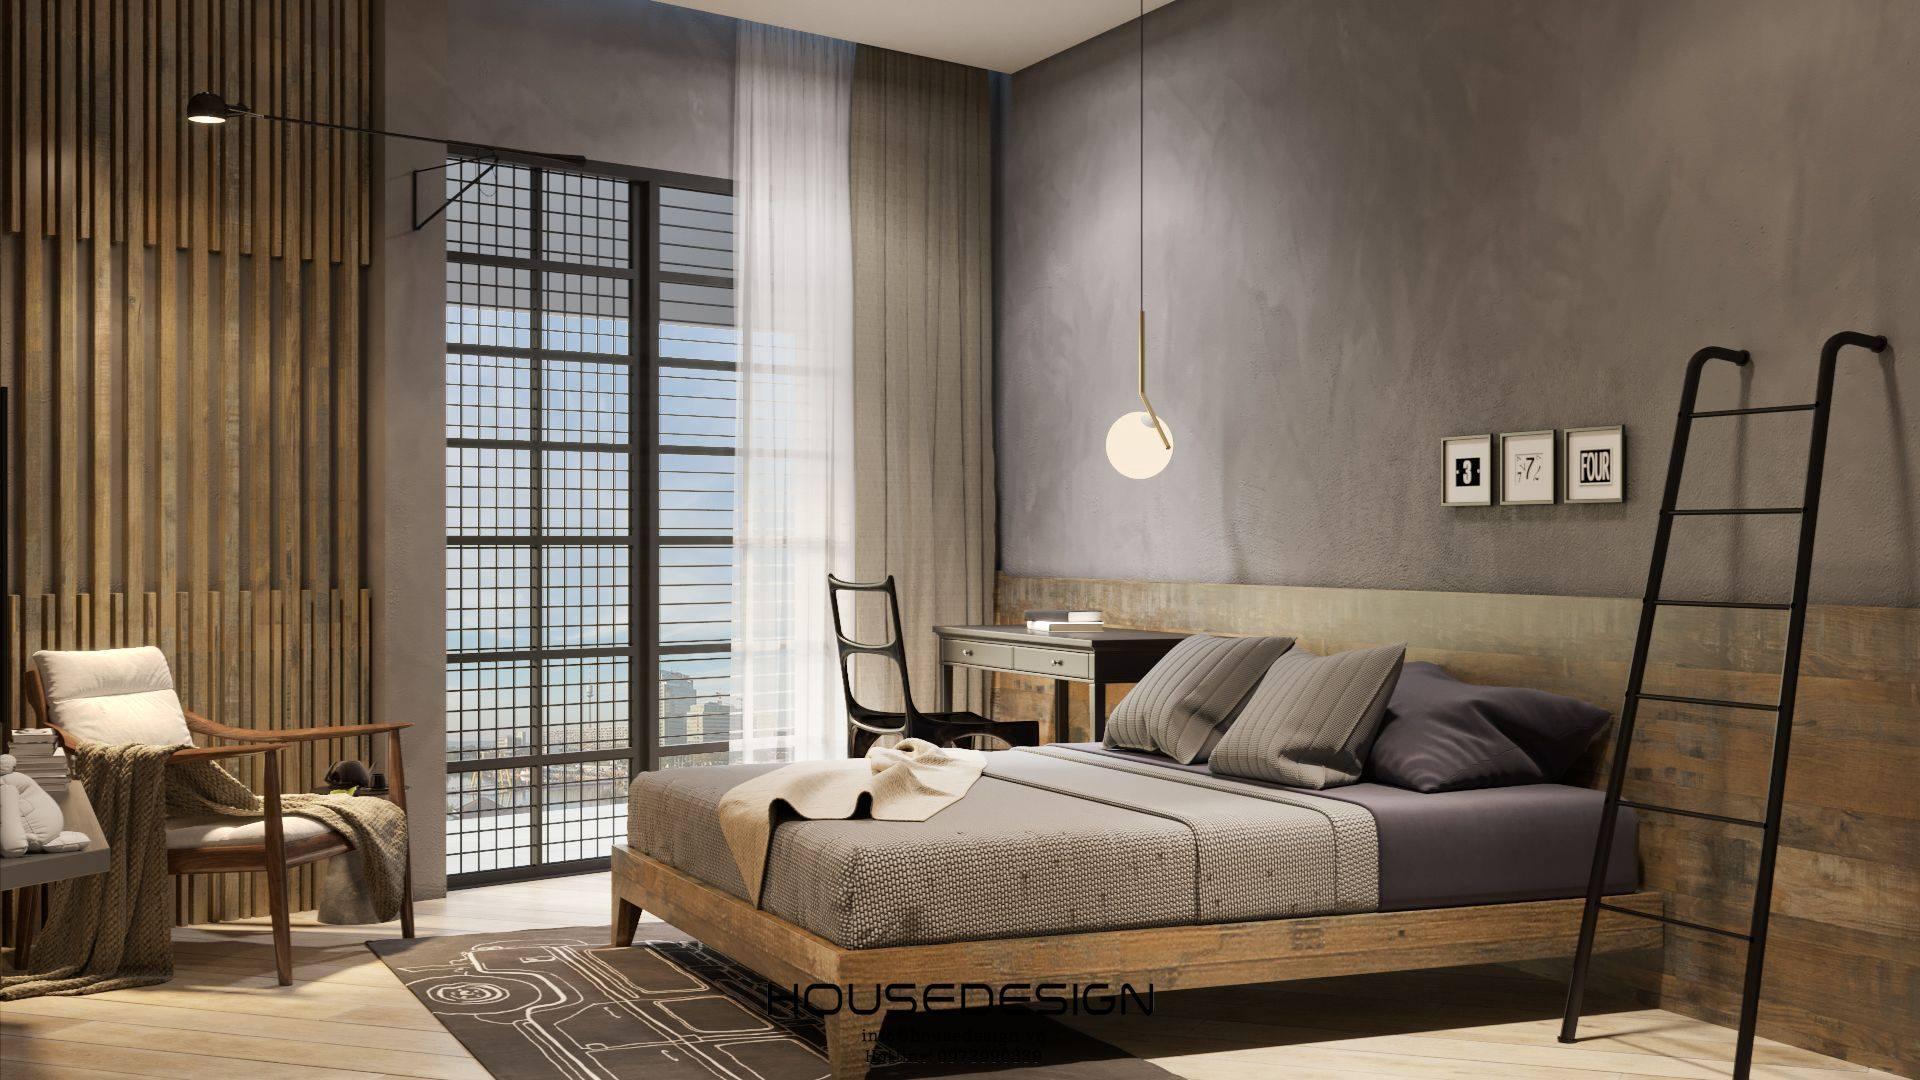 trang trí nội thất cho khách sạn - Housedesign